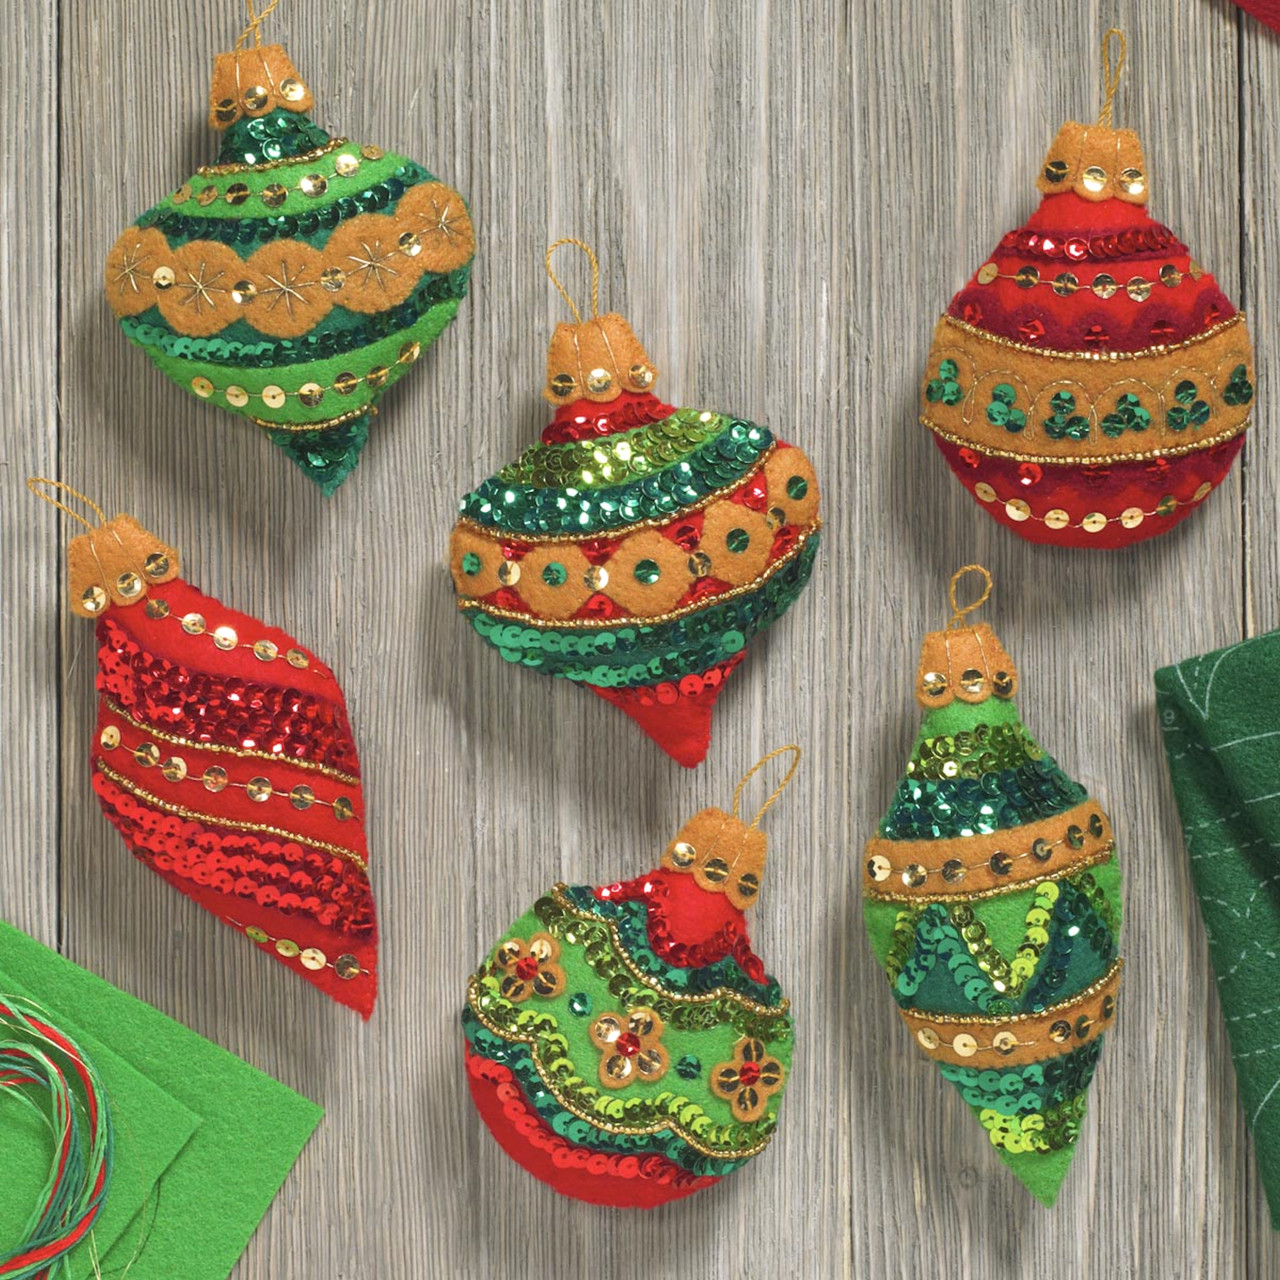 Plaid / Bucilla - Glitzy Ornaments